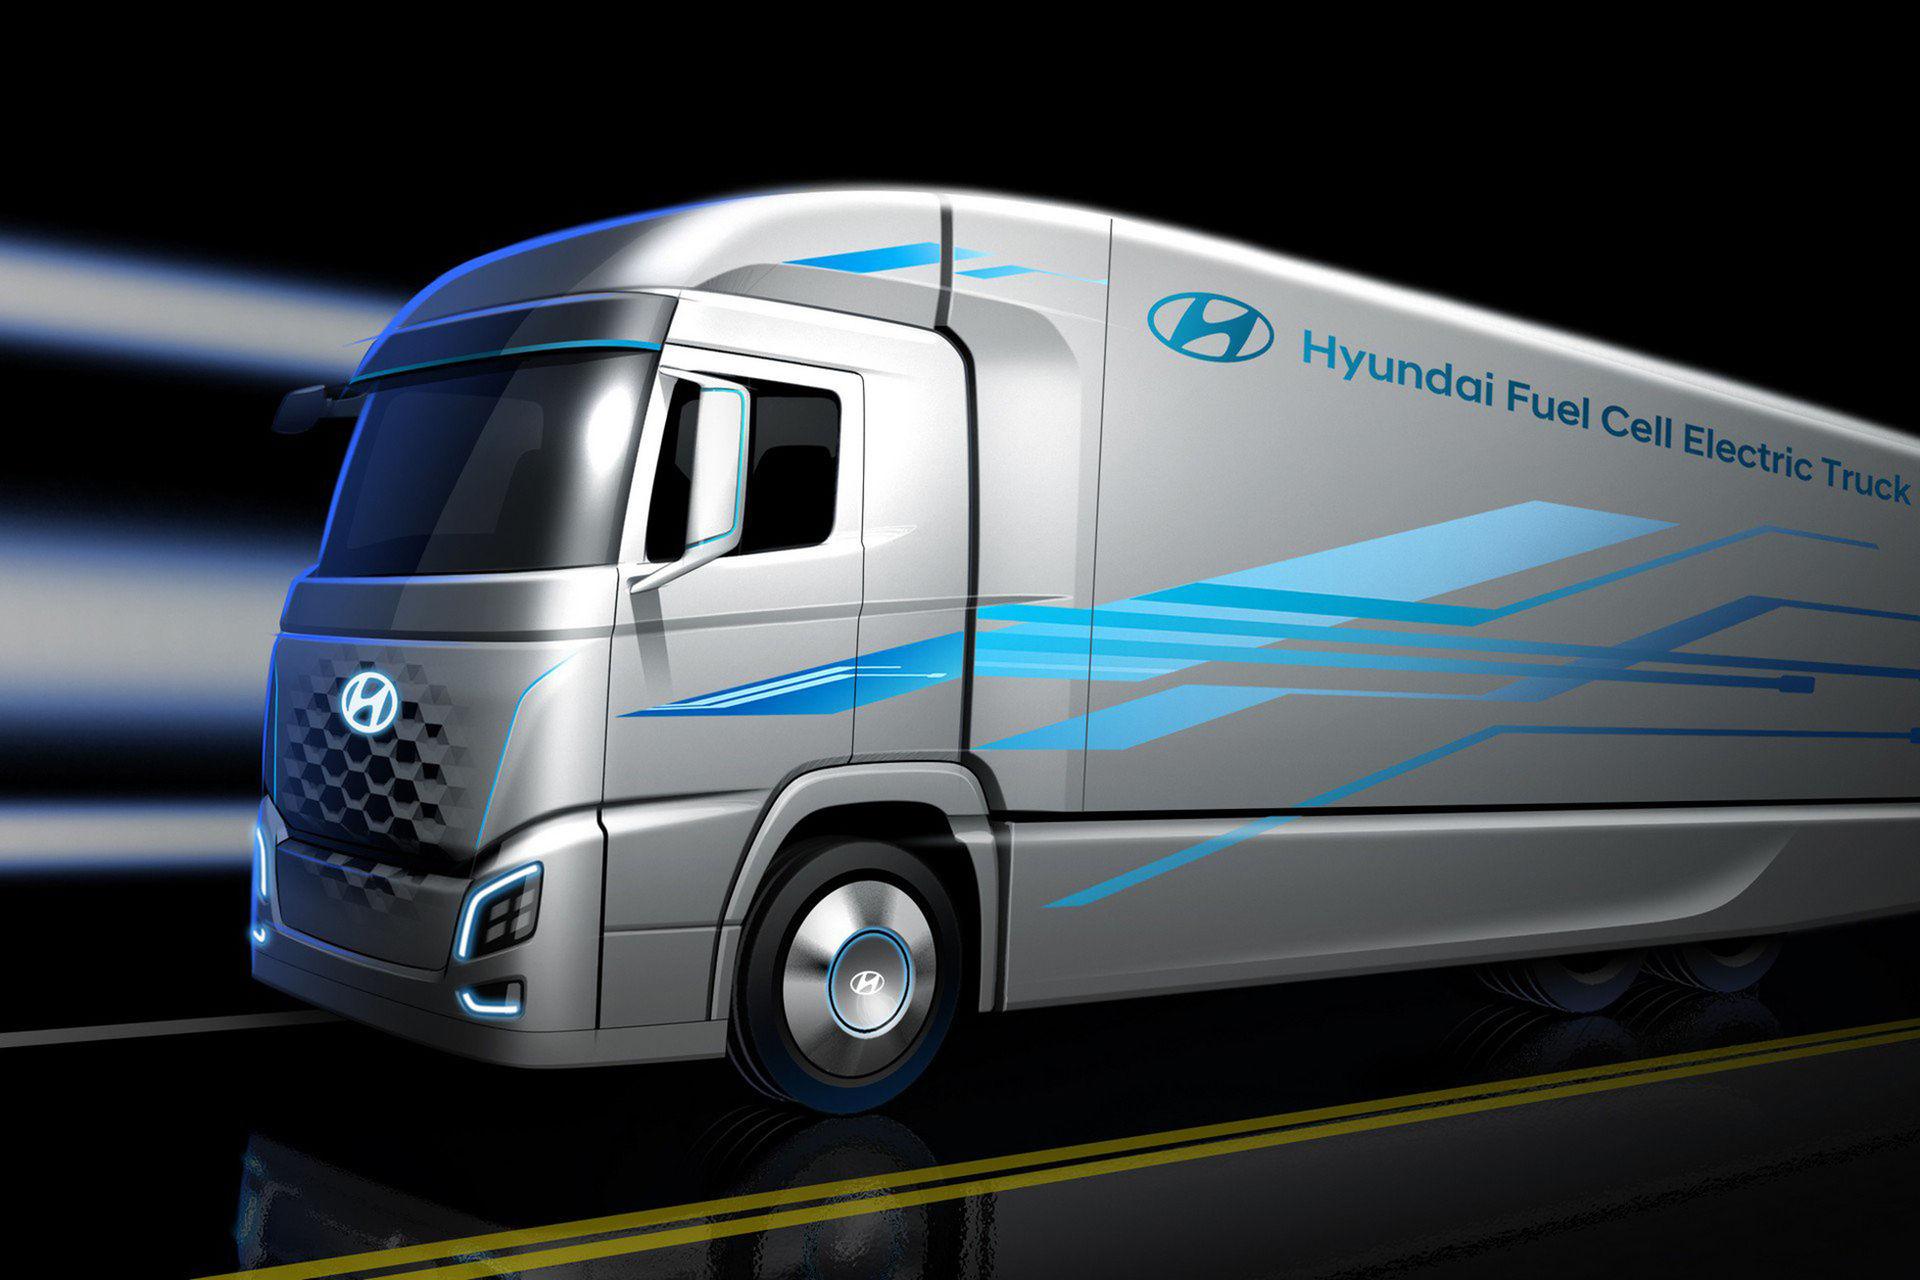 Hyundai släpper skiss på bränslecellsdriven lastbil